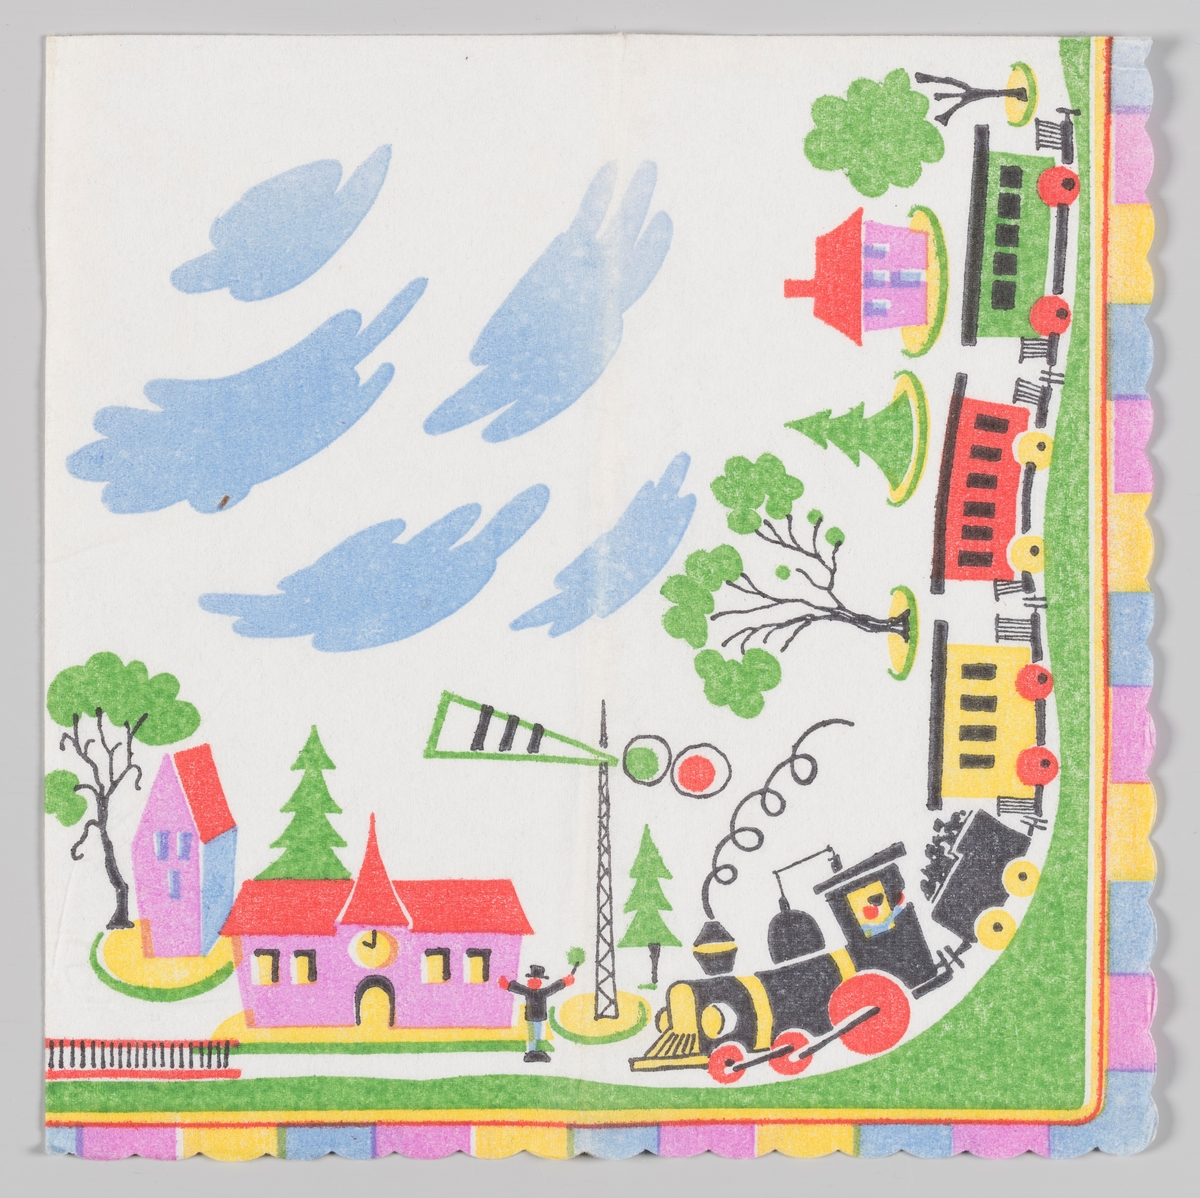 Et lanskap med et leketøytog, hus, trær og blå skyer. langskanten striper i rosa, gult og blått.